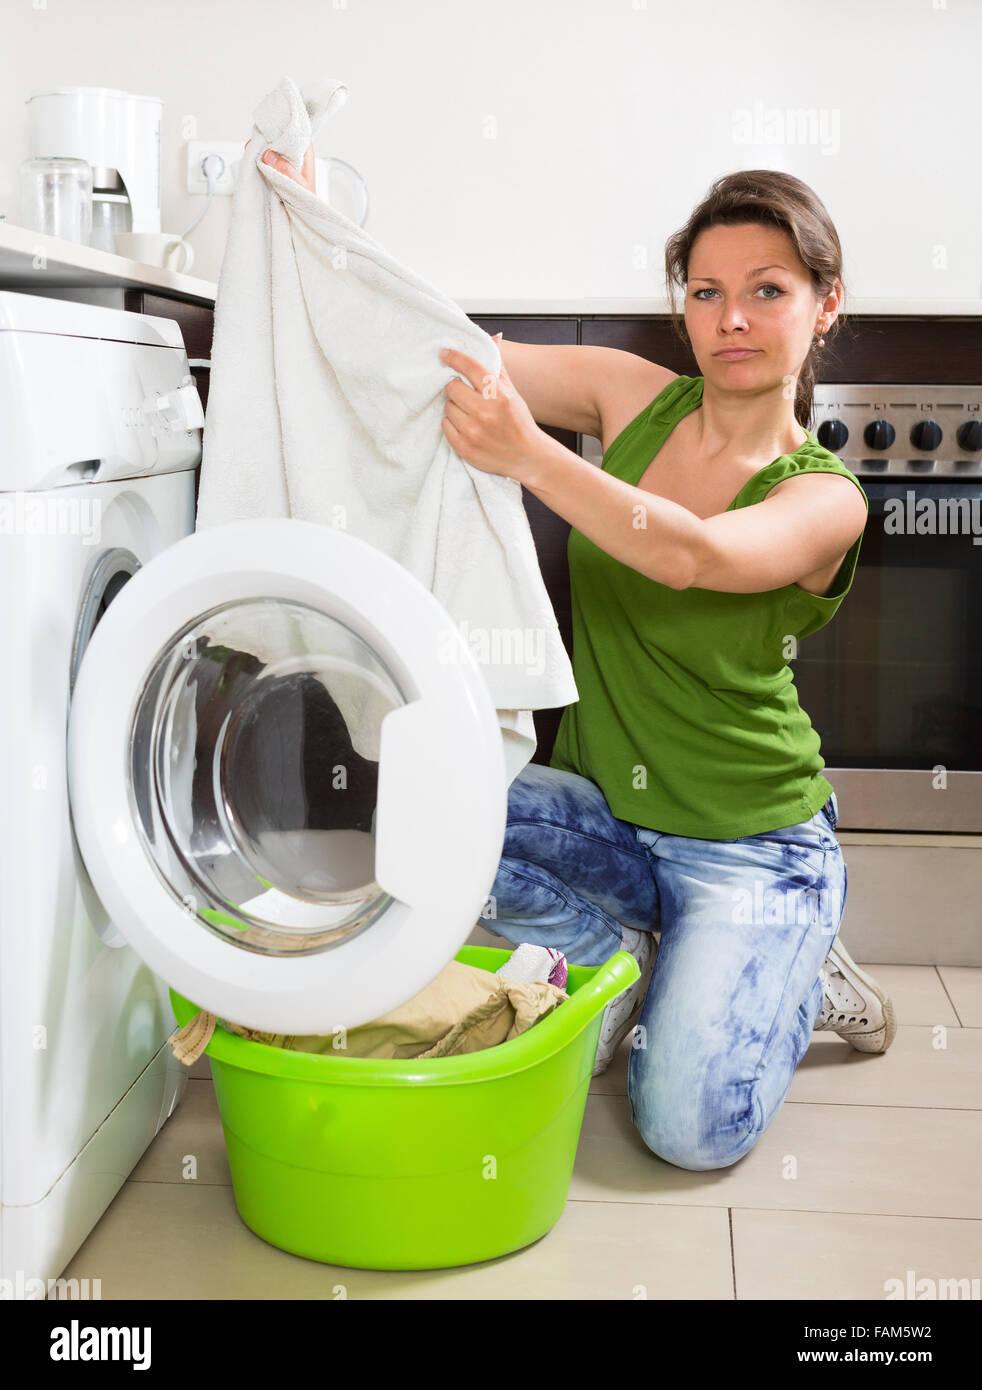 m de junge frau in jeans die waschk che mit waschmaschine in der k che zu hause zu tun. Black Bedroom Furniture Sets. Home Design Ideas